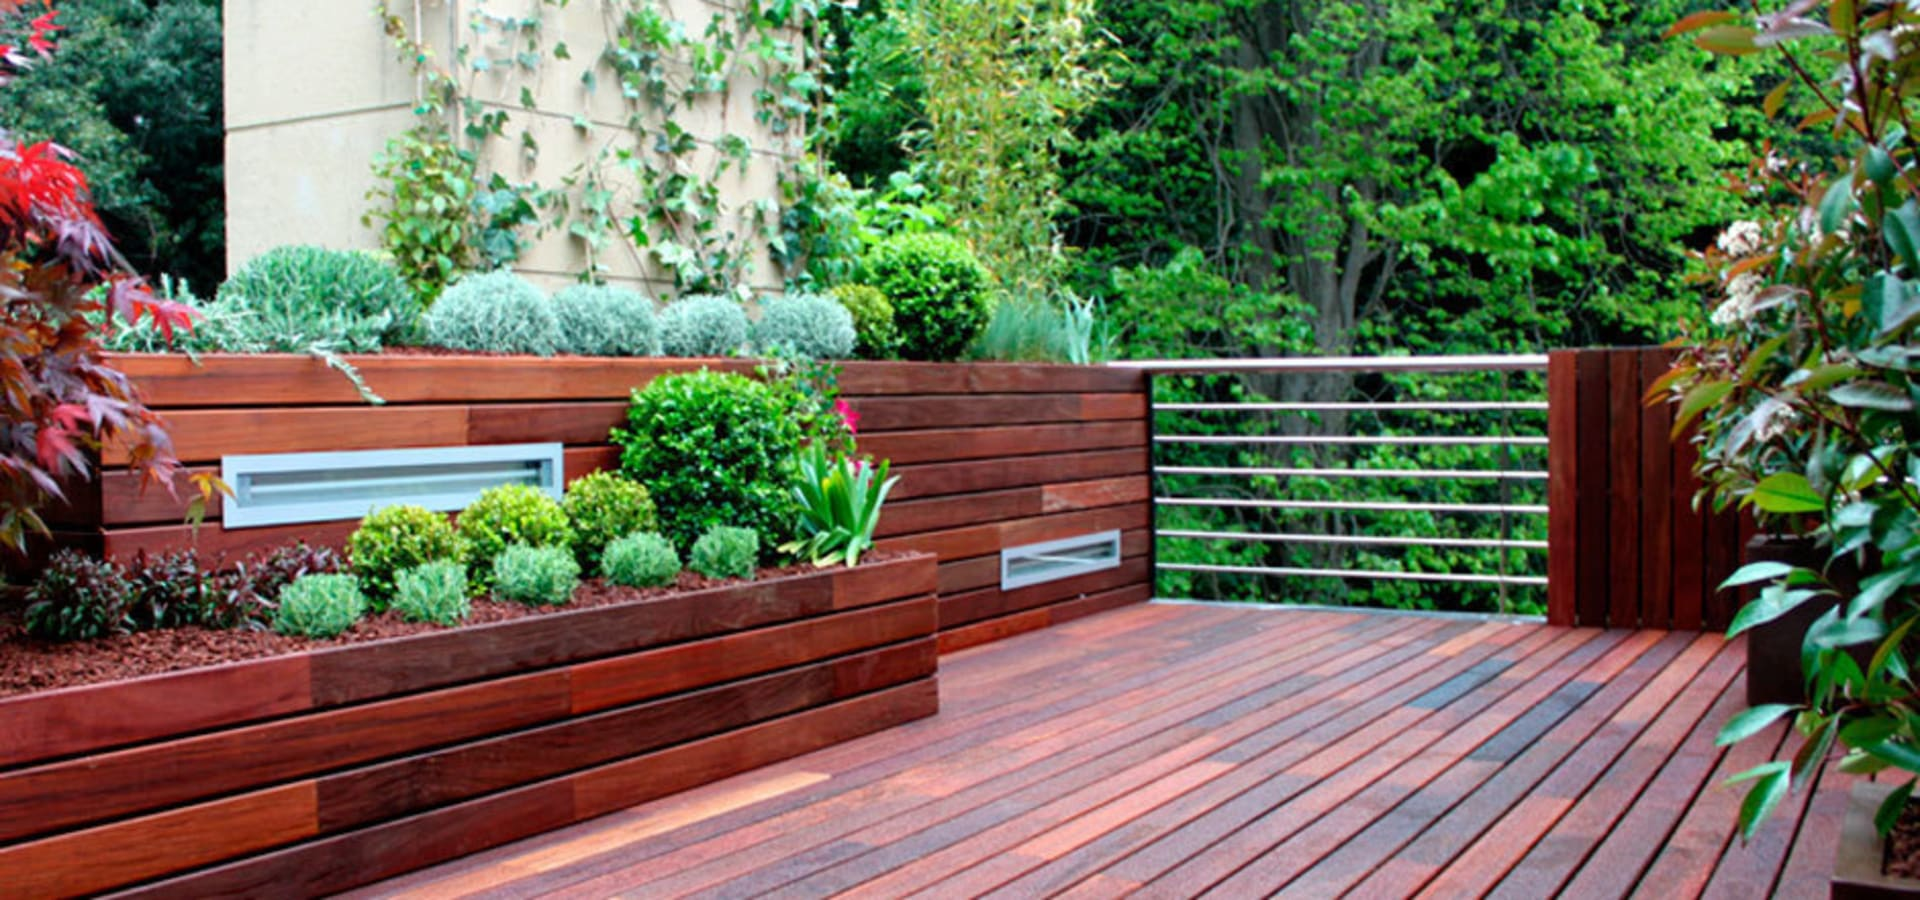 La habitaci n verde terraza peque a en madrid dise o for Diseno de jardines madrid